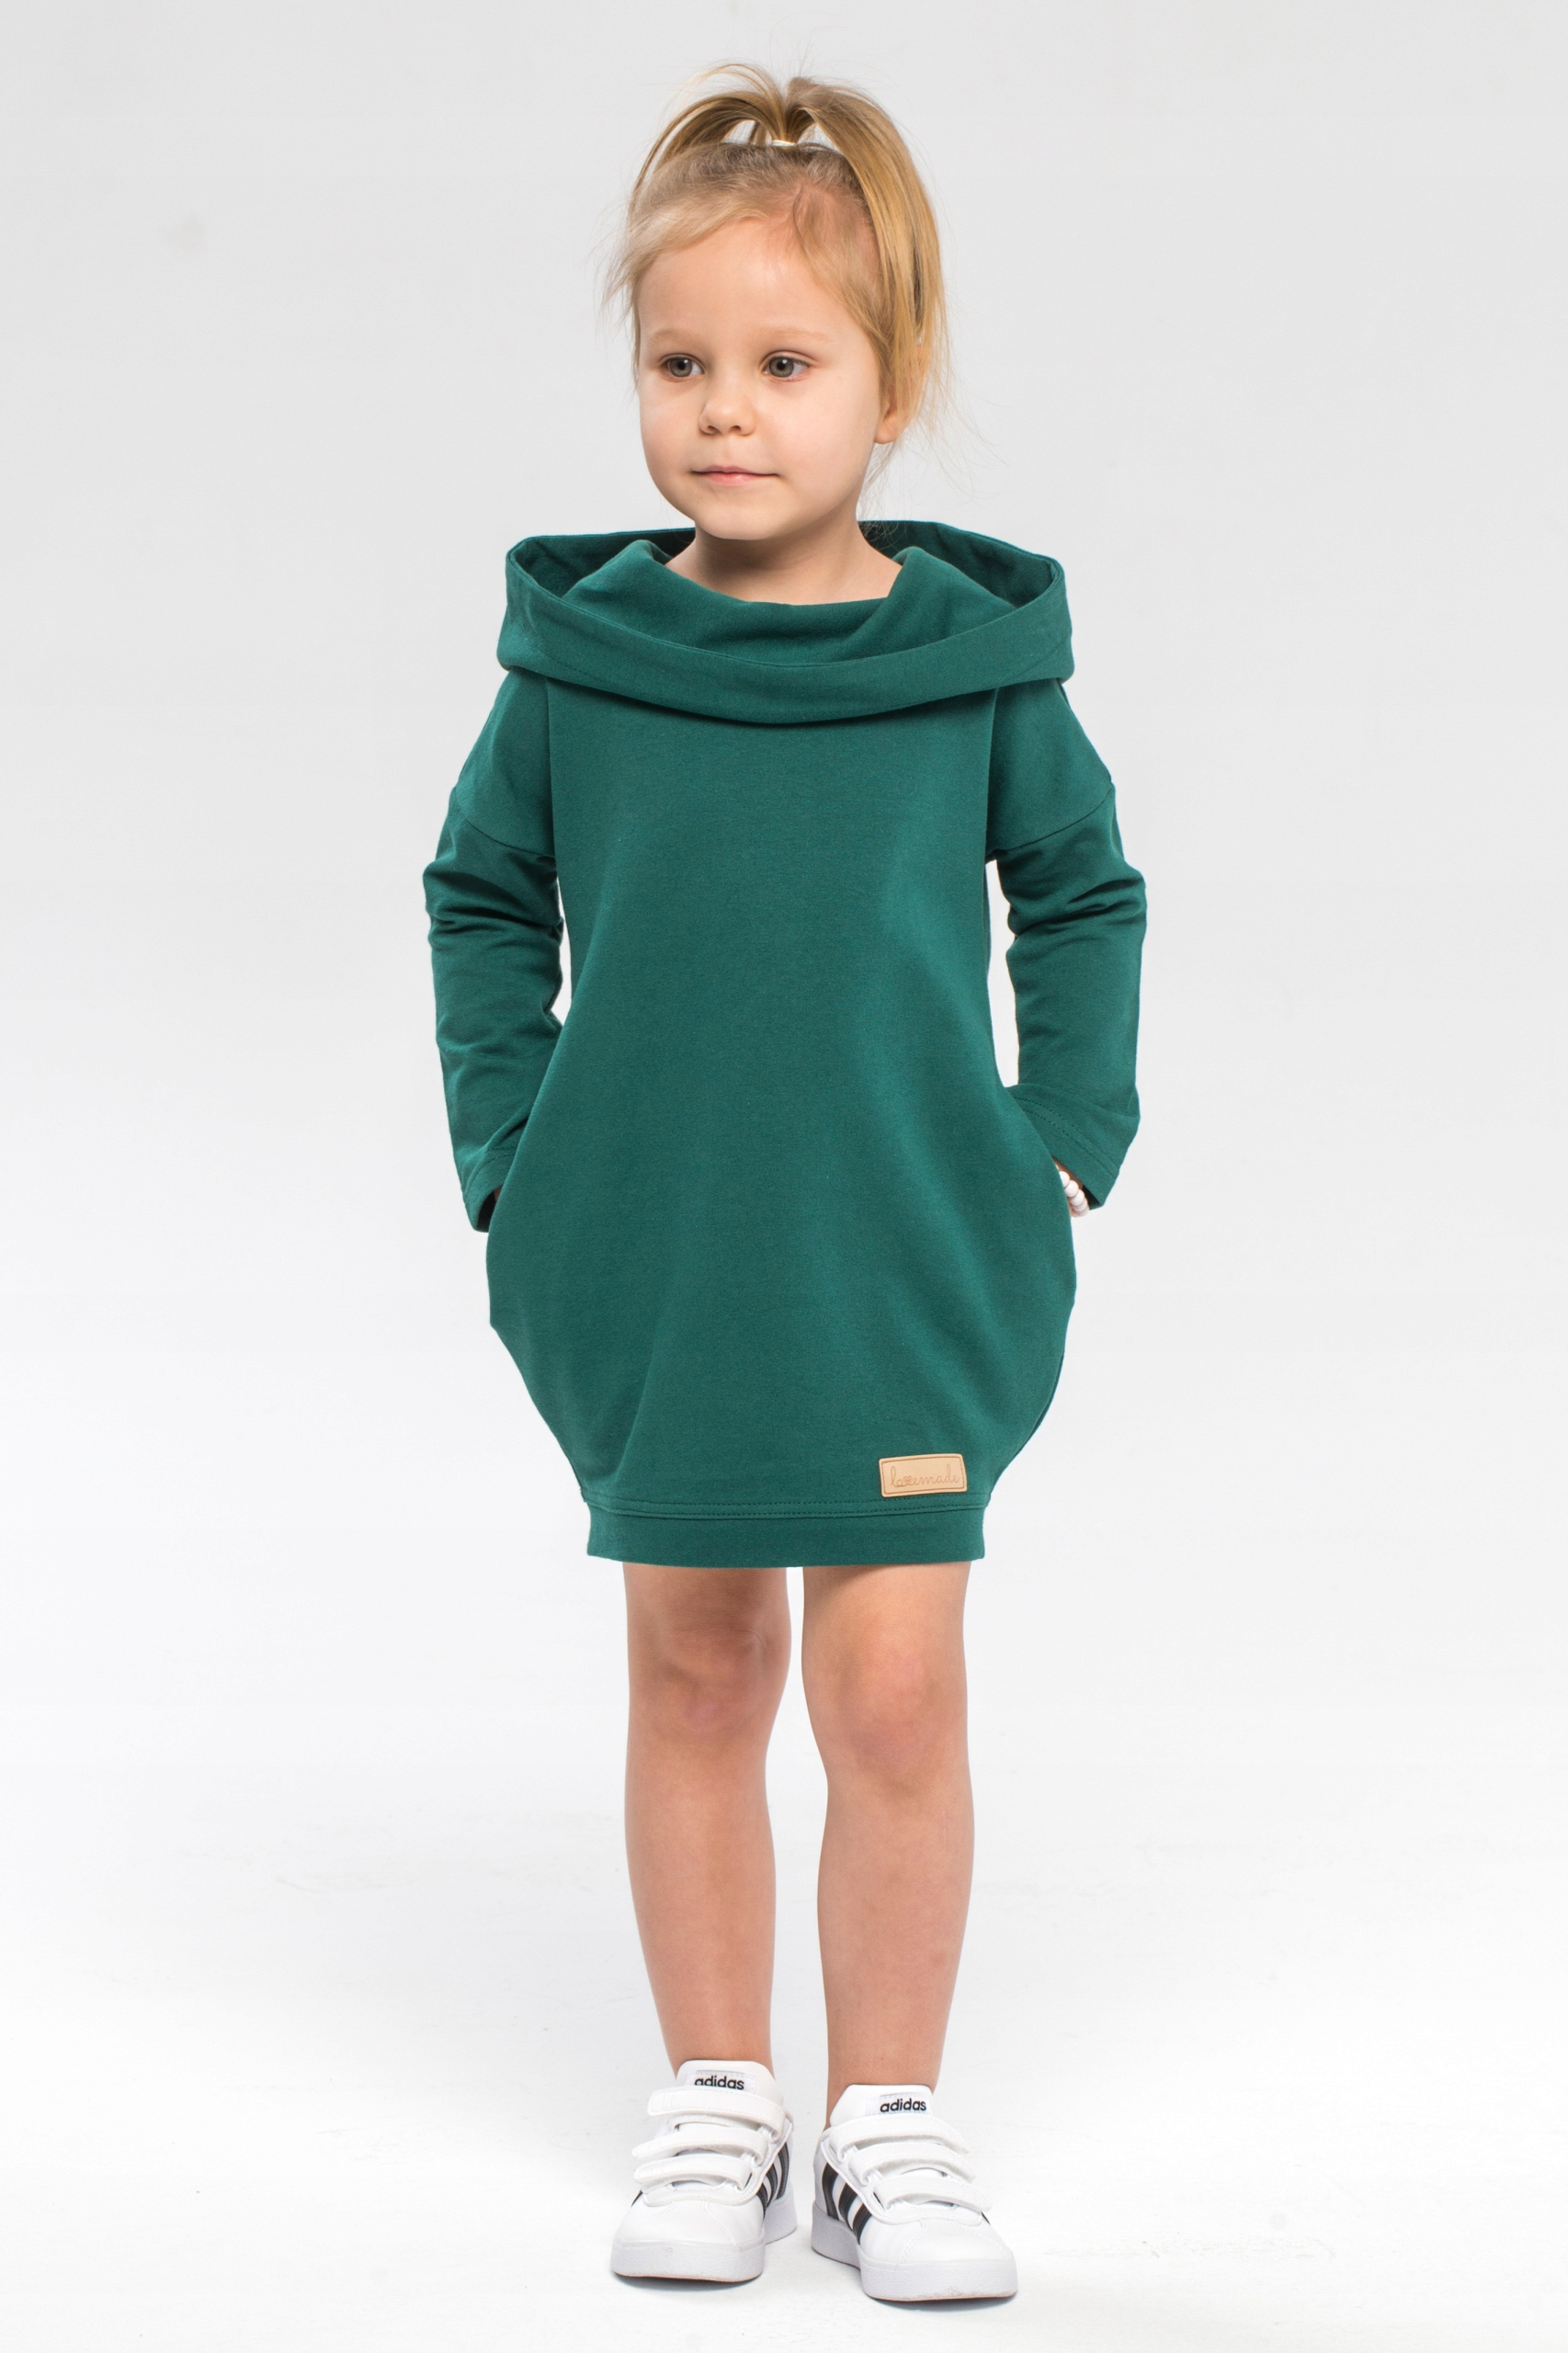 Lovemade zelená blúzka s kapucňou pre dievčatá